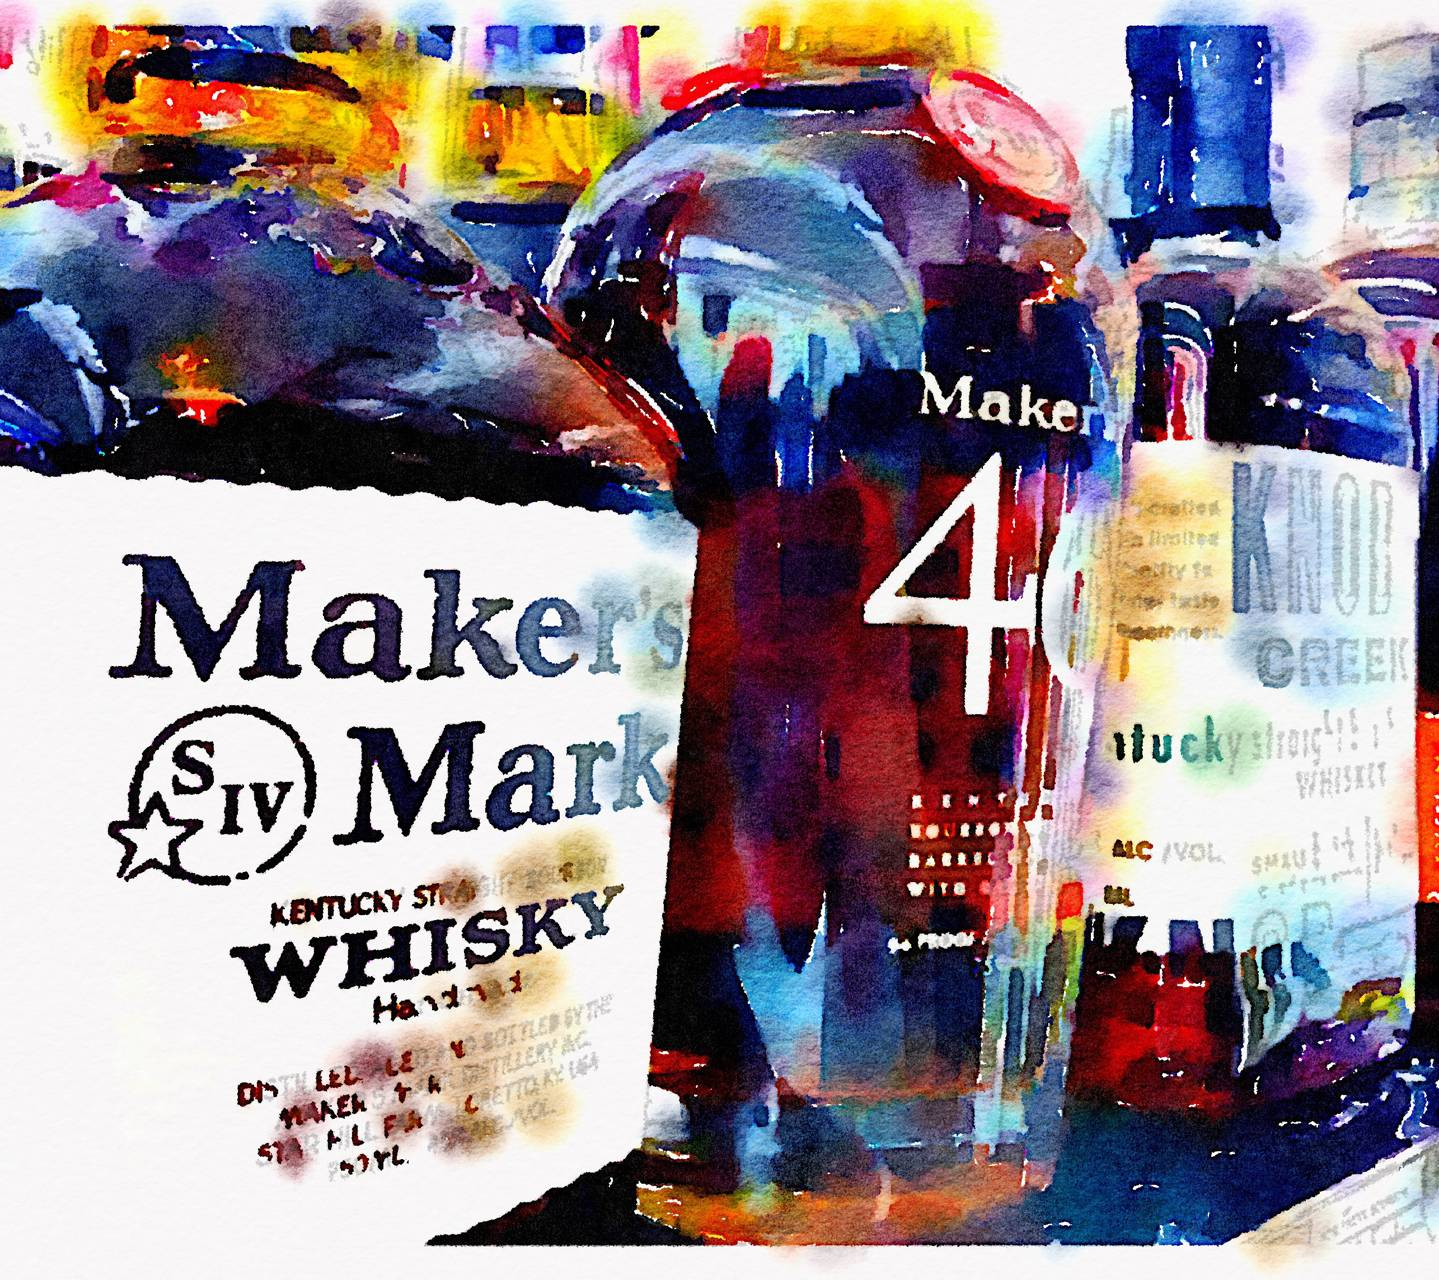 Whiskey 5